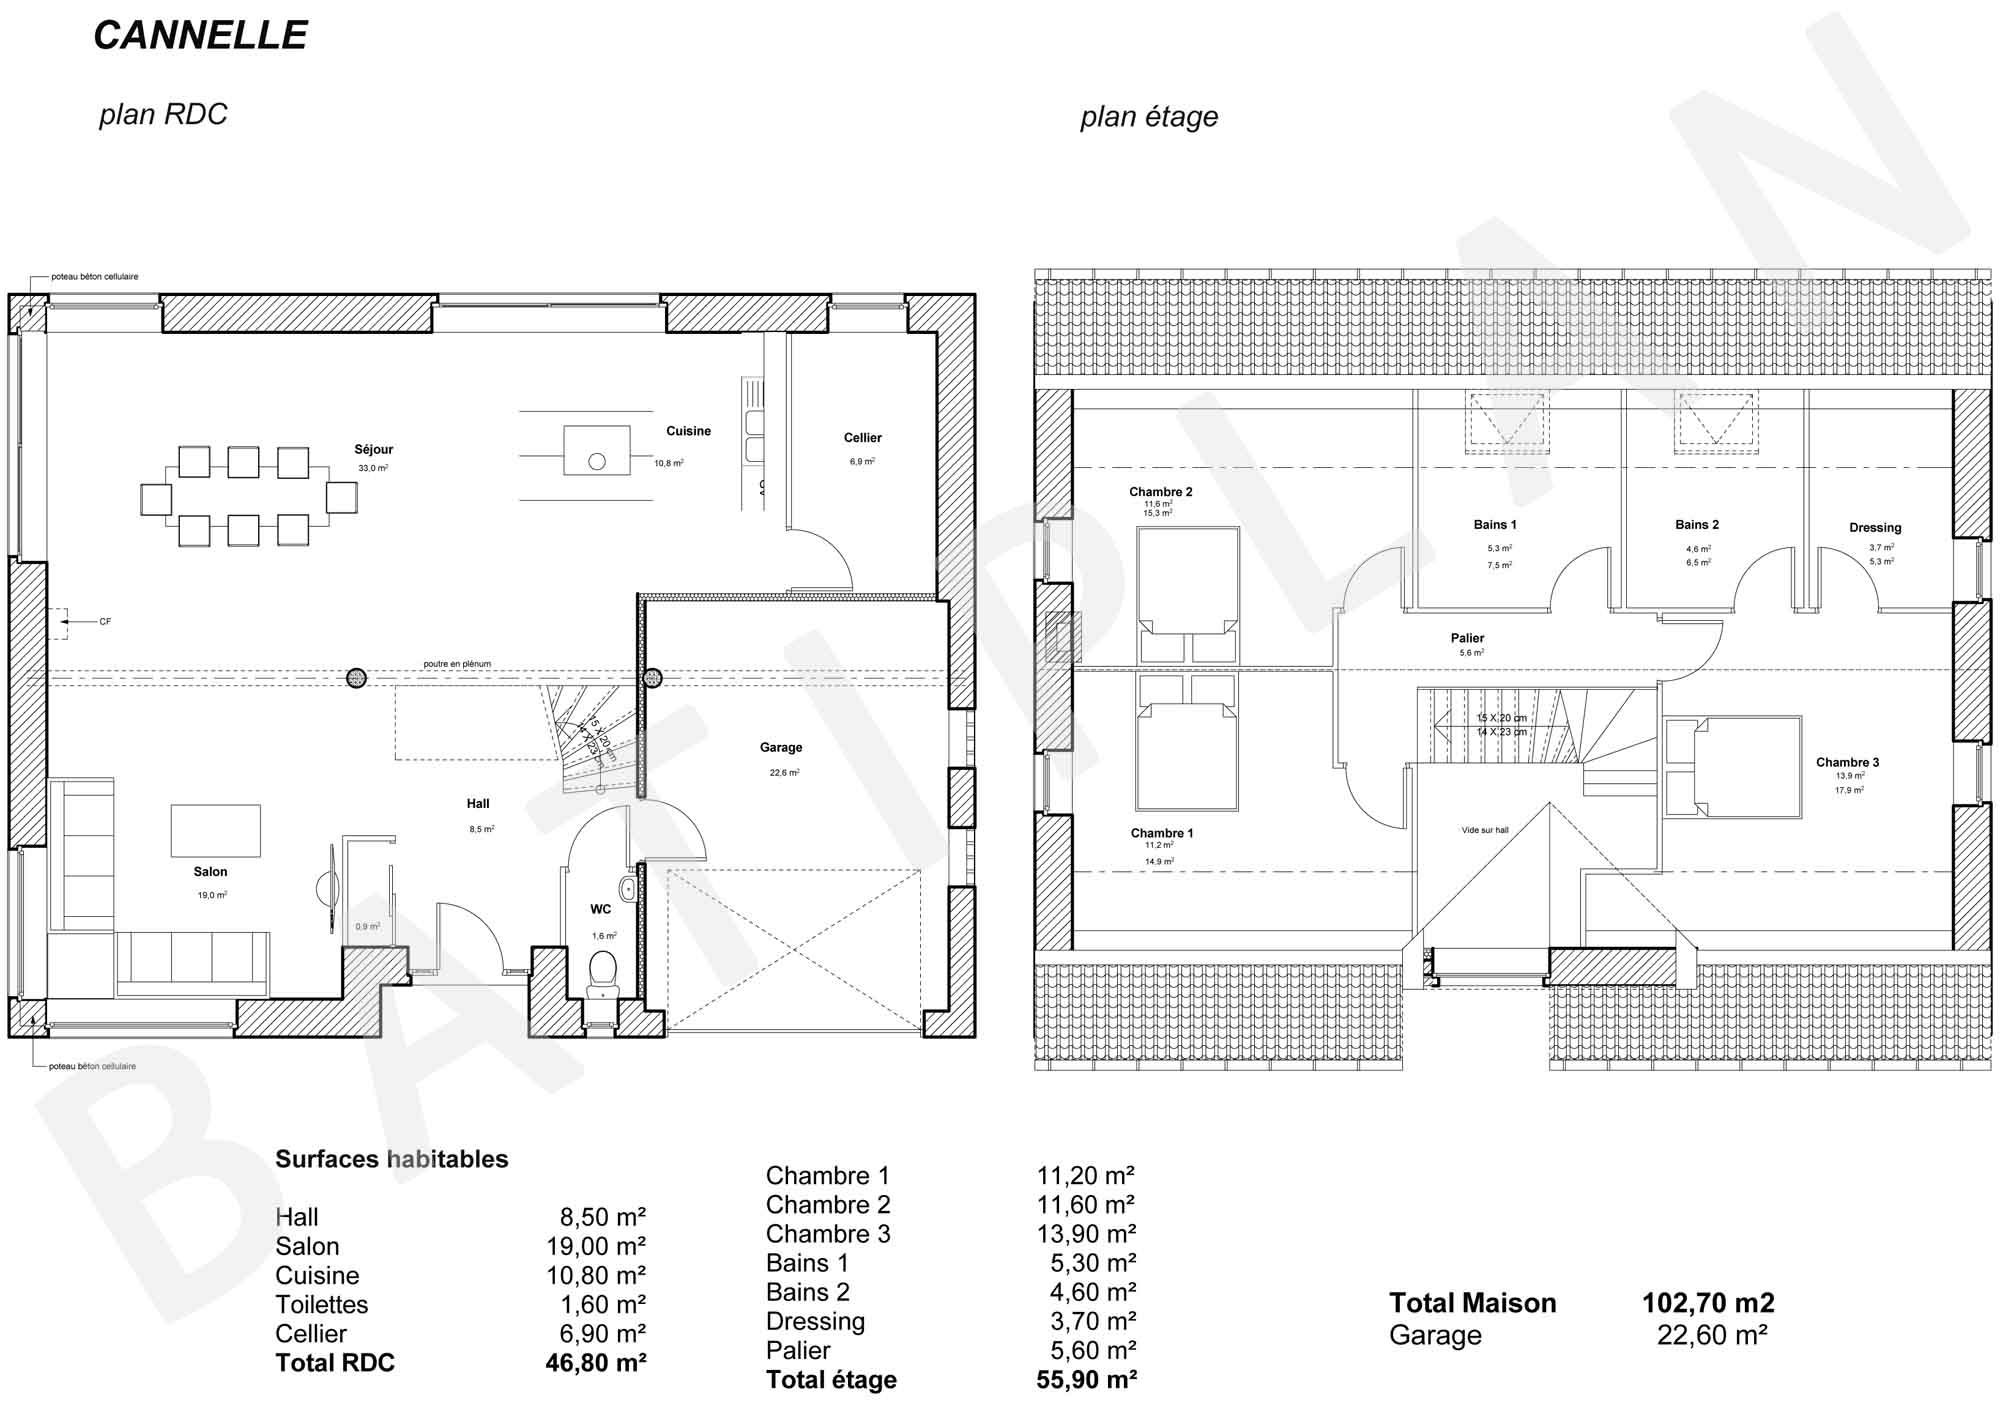 Plan de maison cannelle